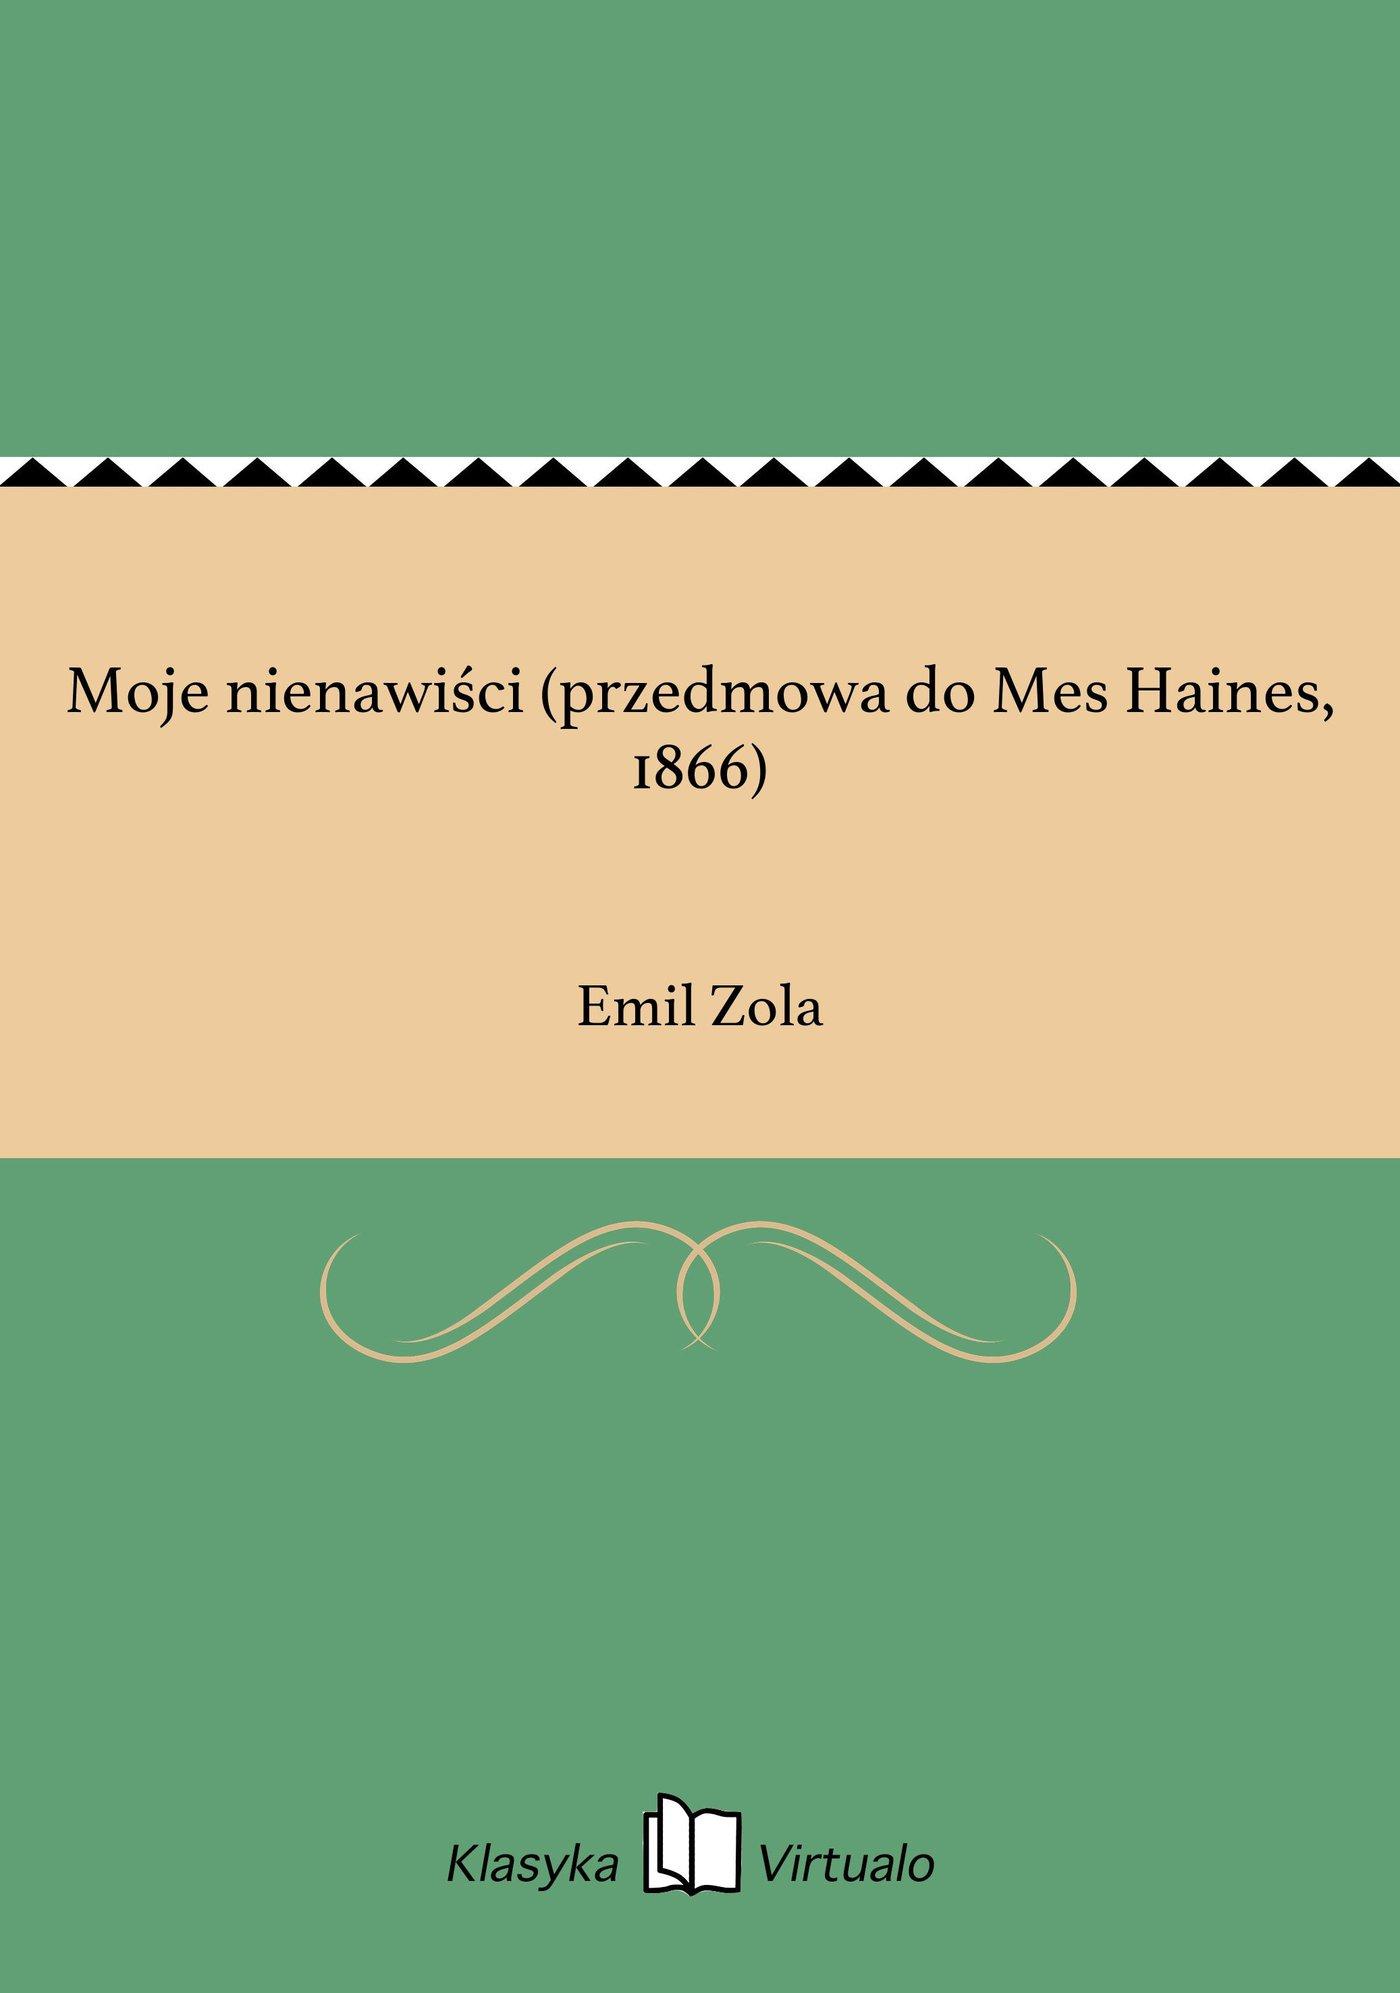 Moje nienawiści (przedmowa do Mes Haines, 1866) - Ebook (Książka EPUB) do pobrania w formacie EPUB